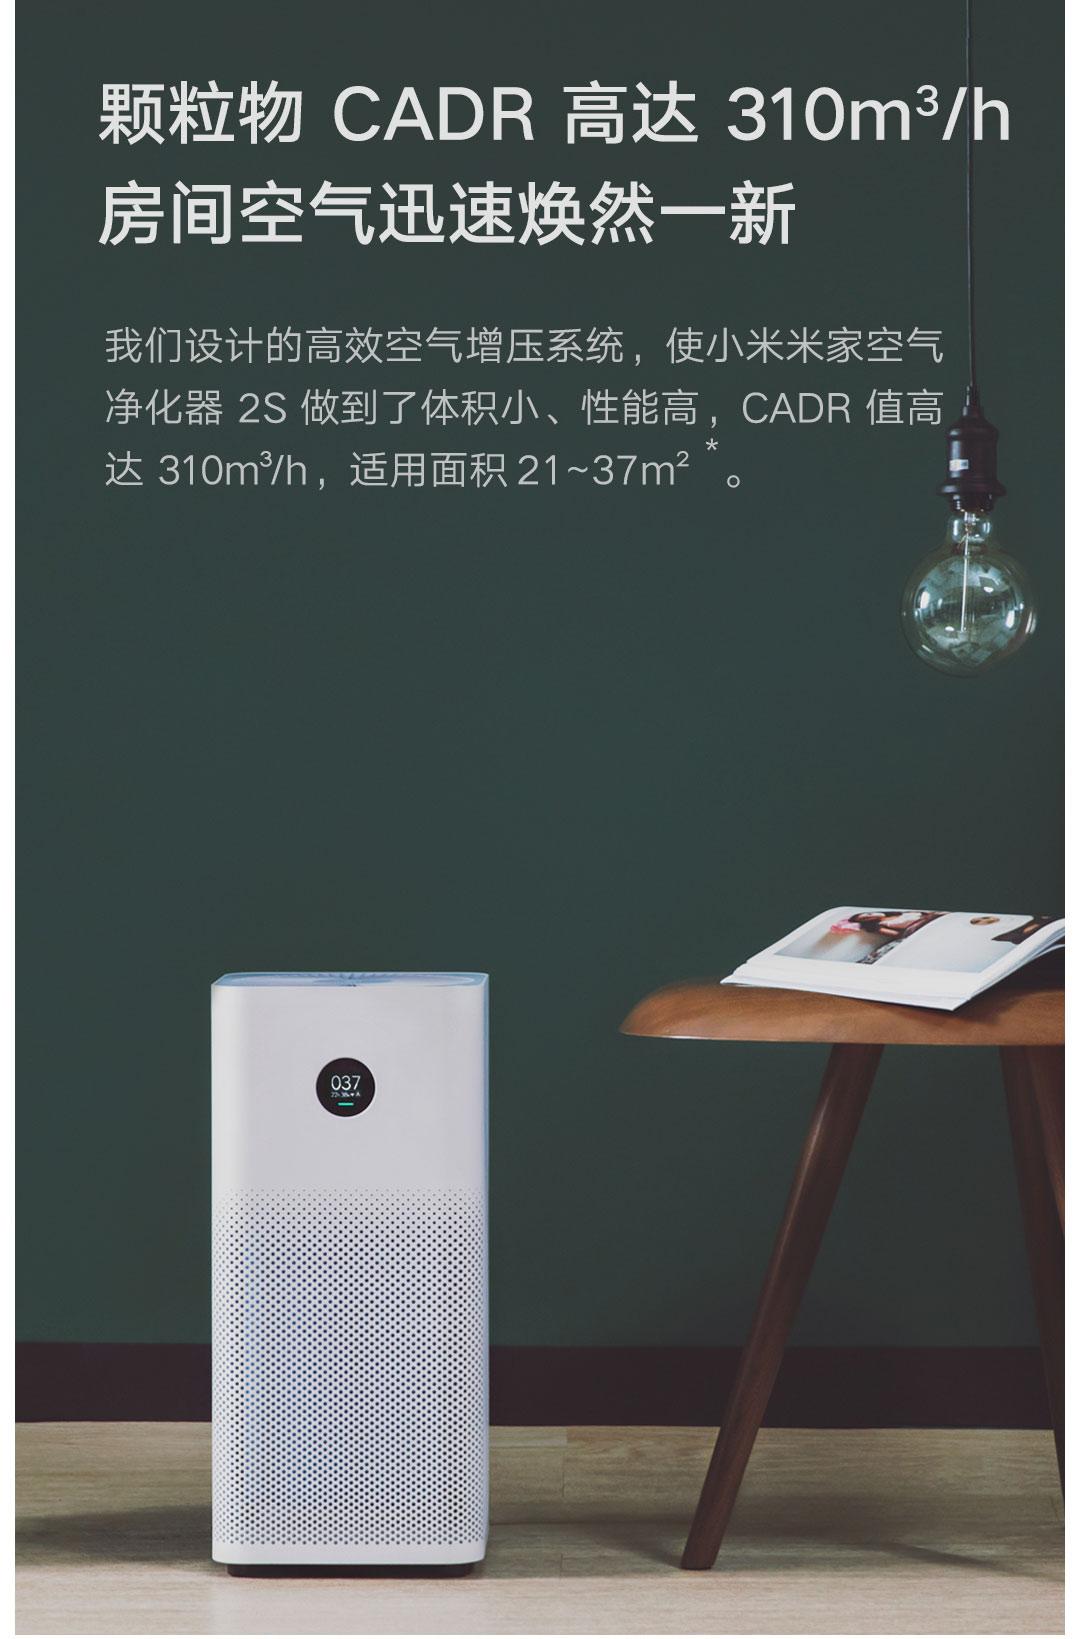 小米米家空气净化器2S